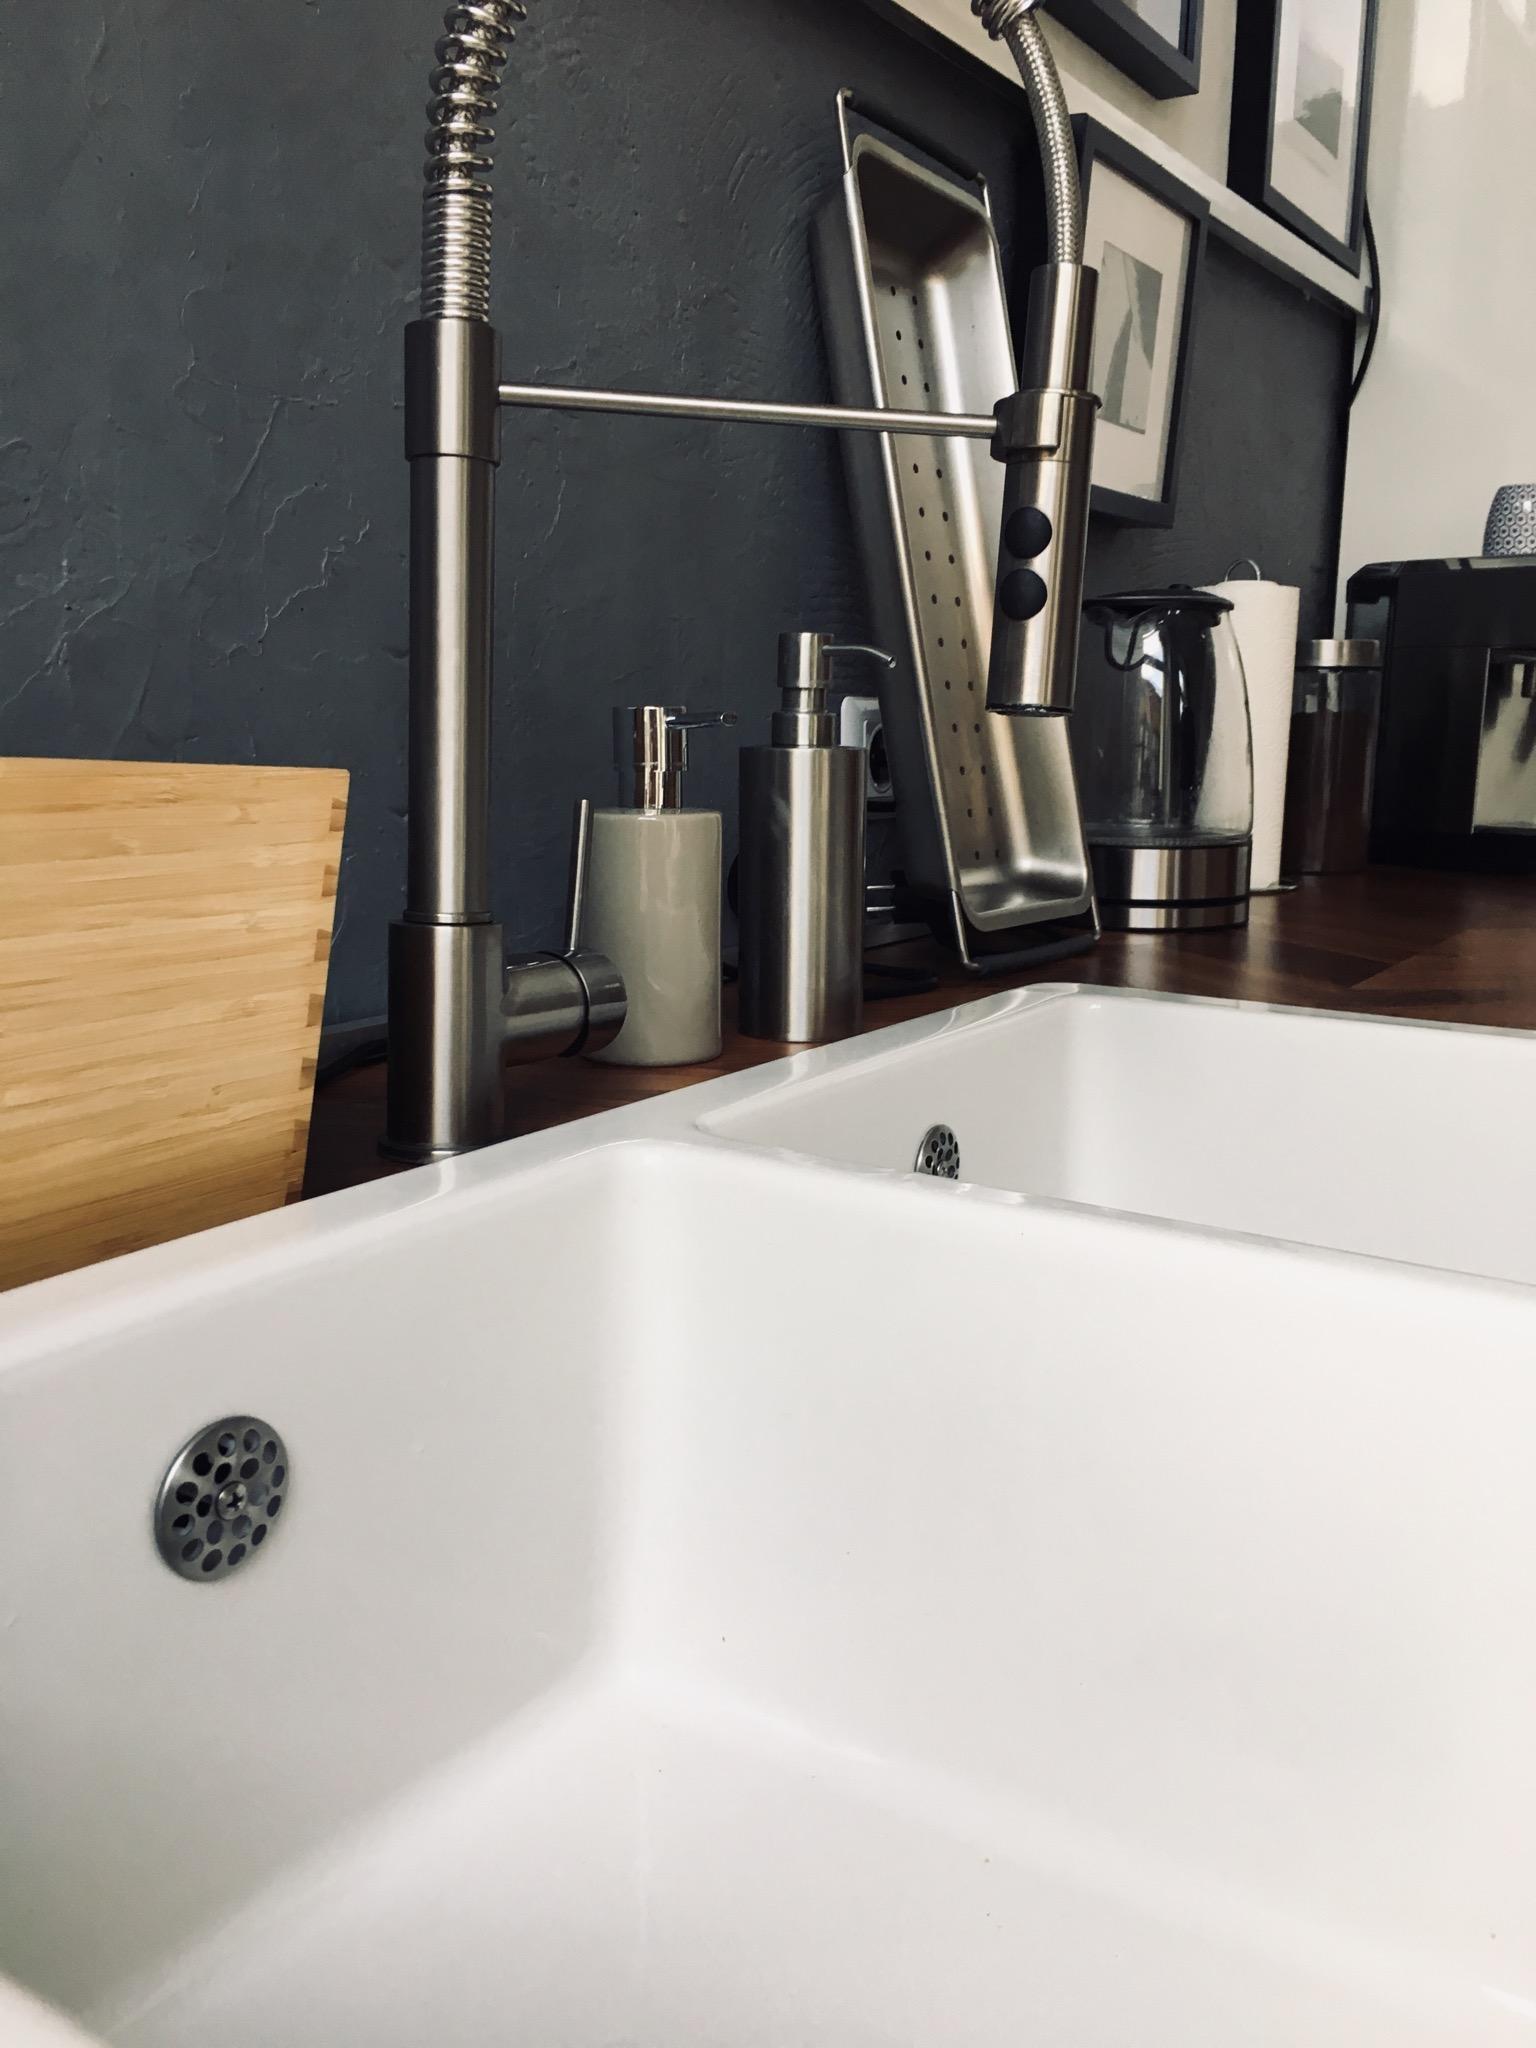 Keramik Waschbecken • Bilder & Ideen • COUCH